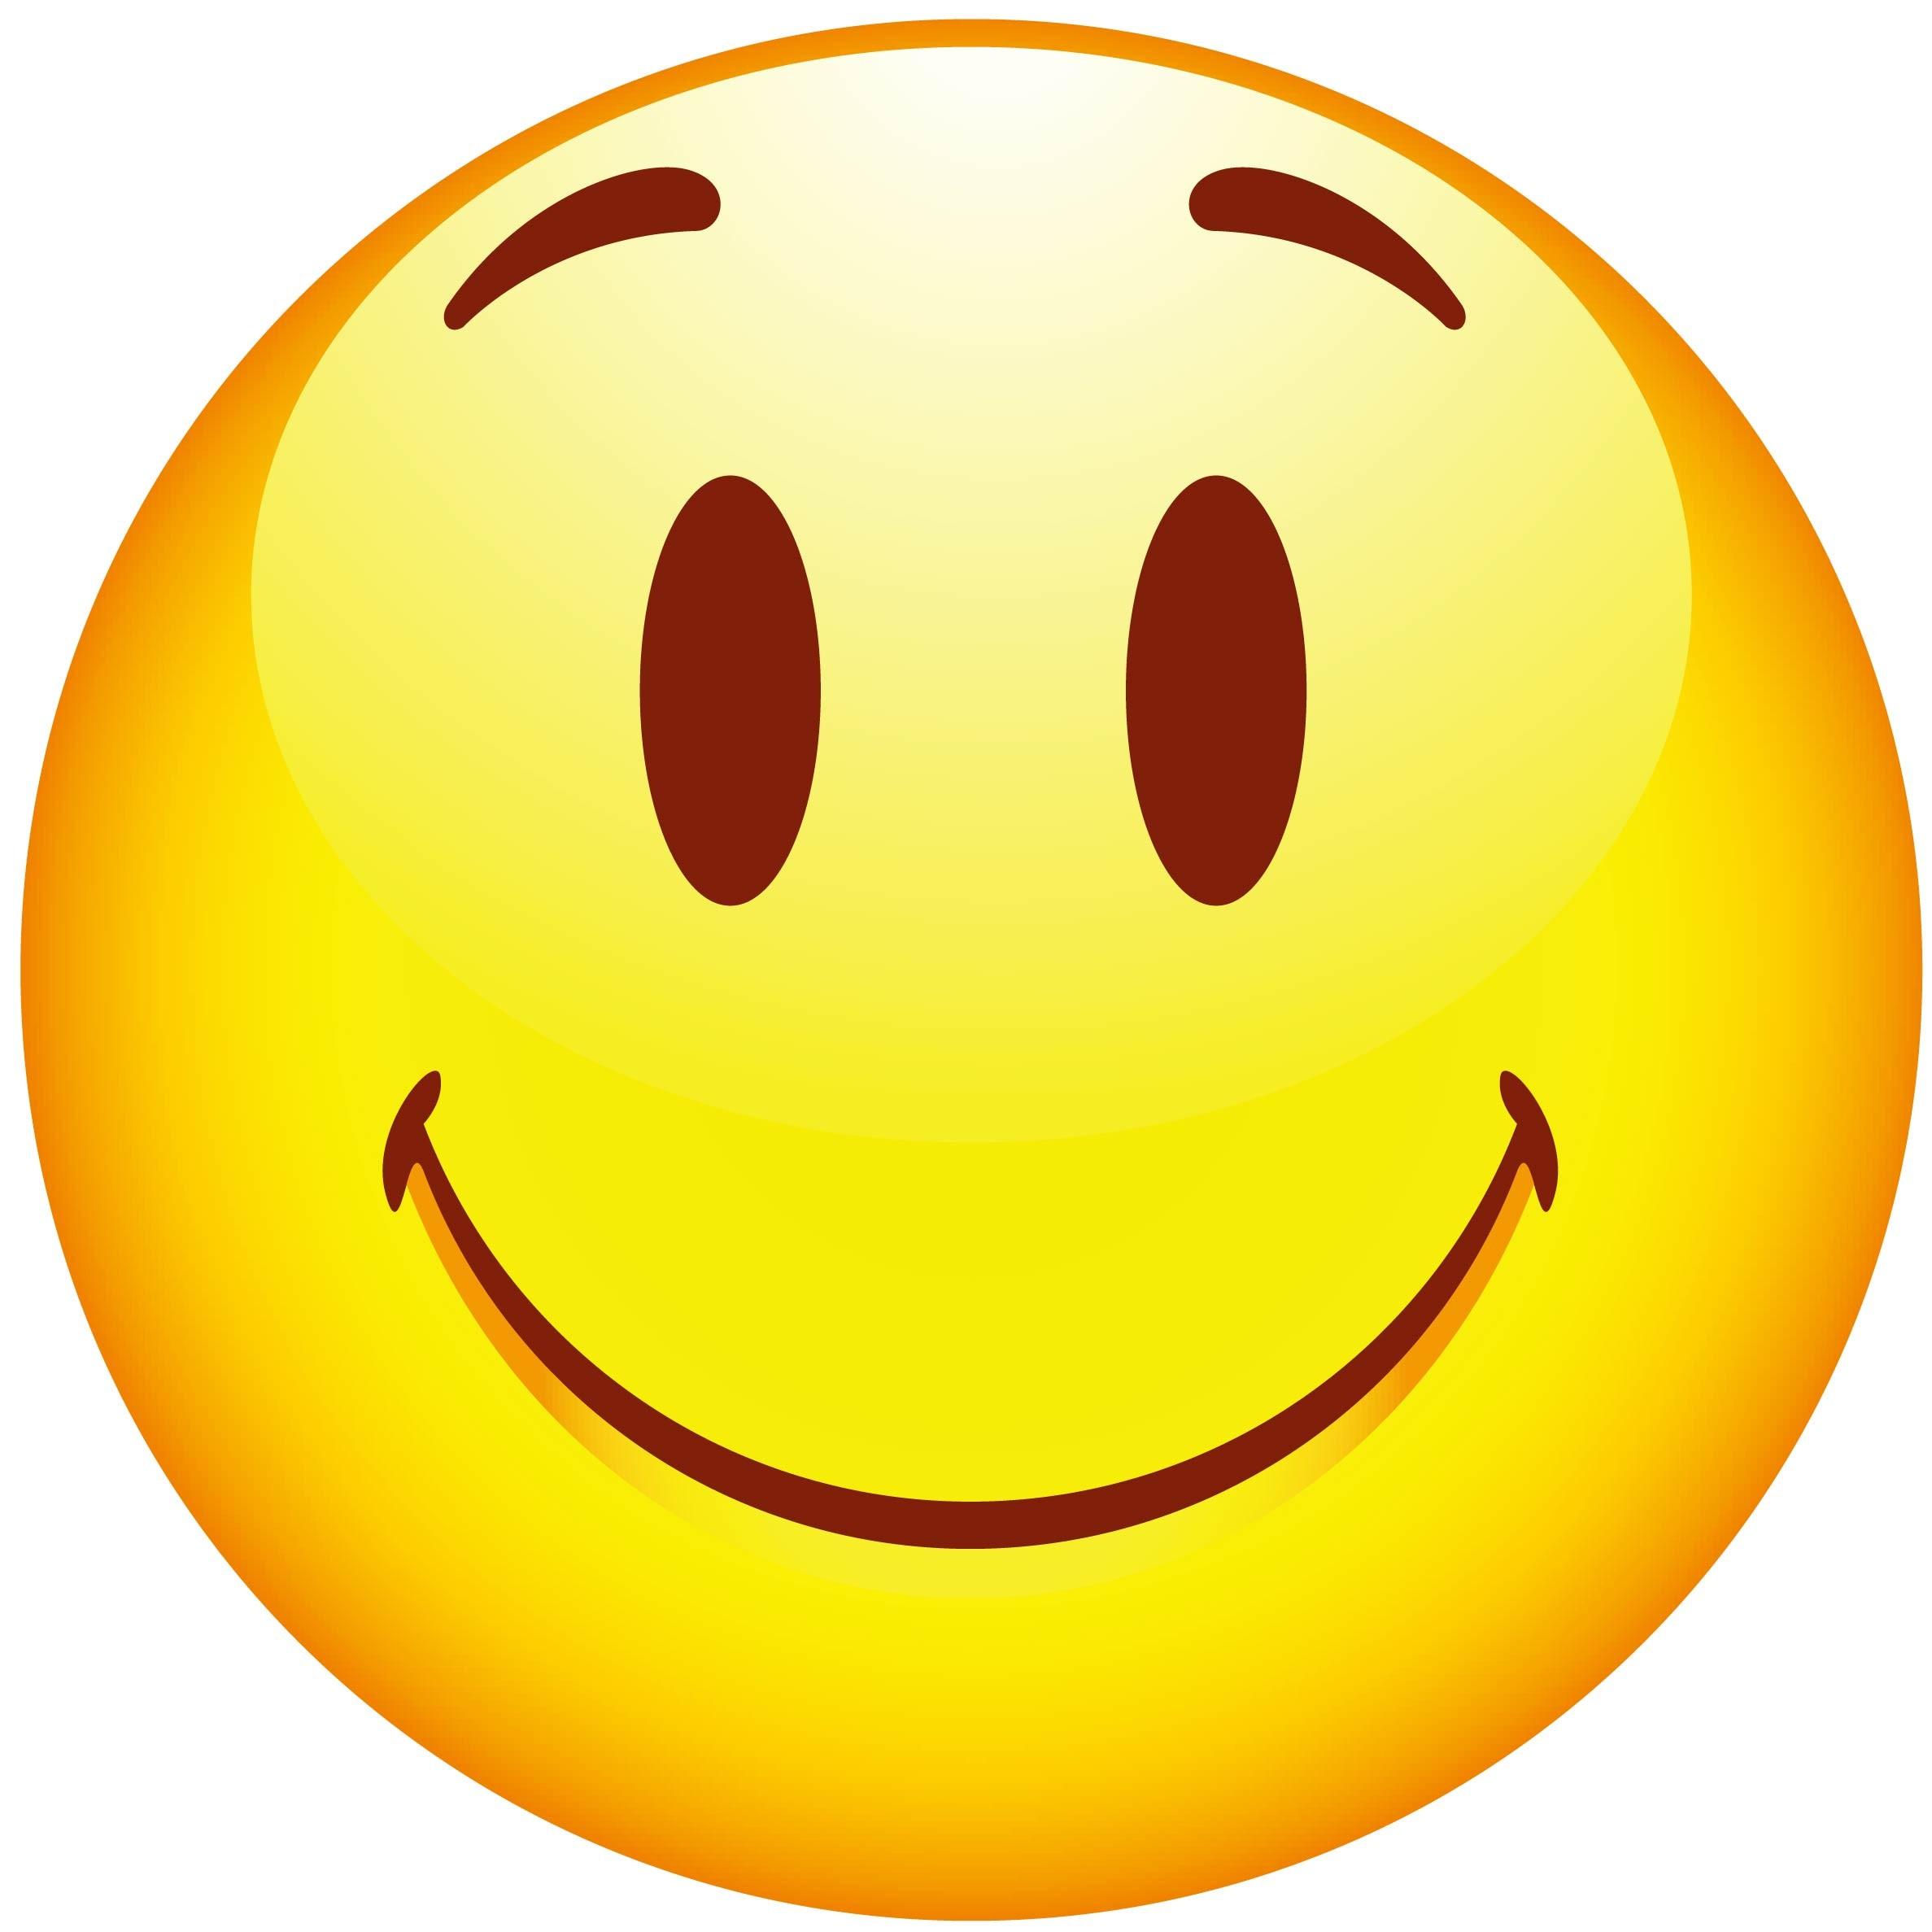 表情圖:微笑表情